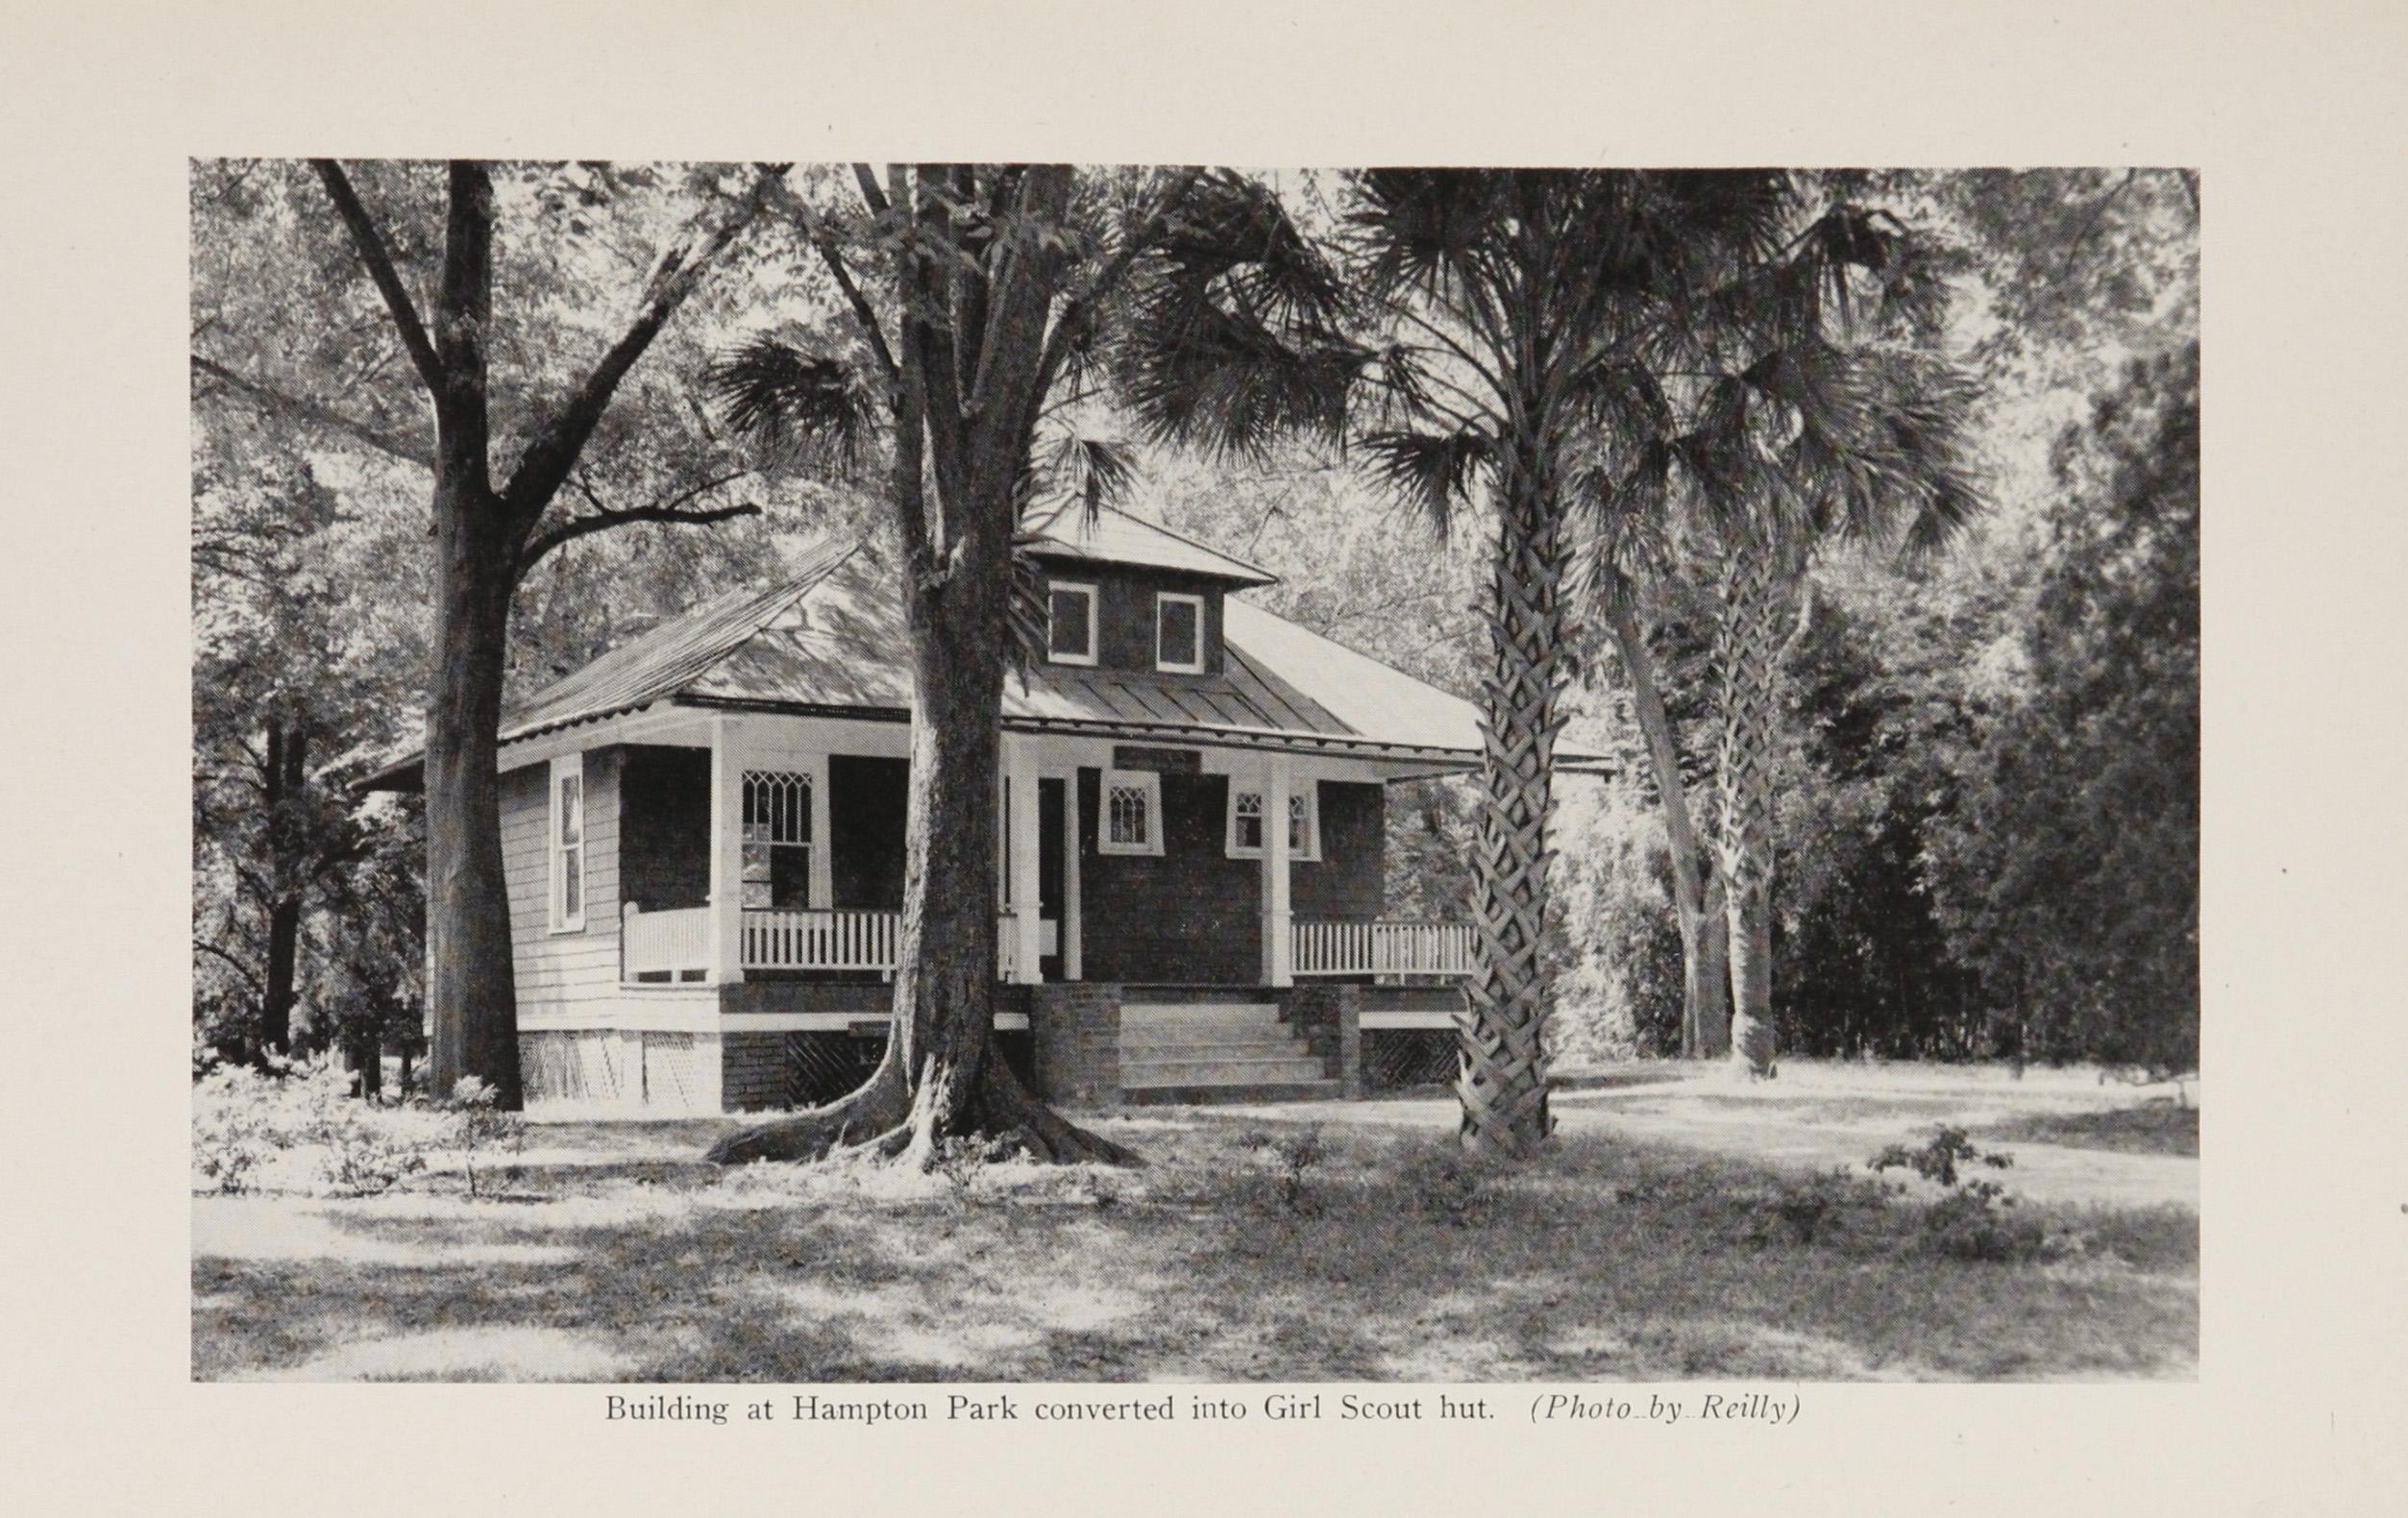 Charleston Yearbook, 1944, insert